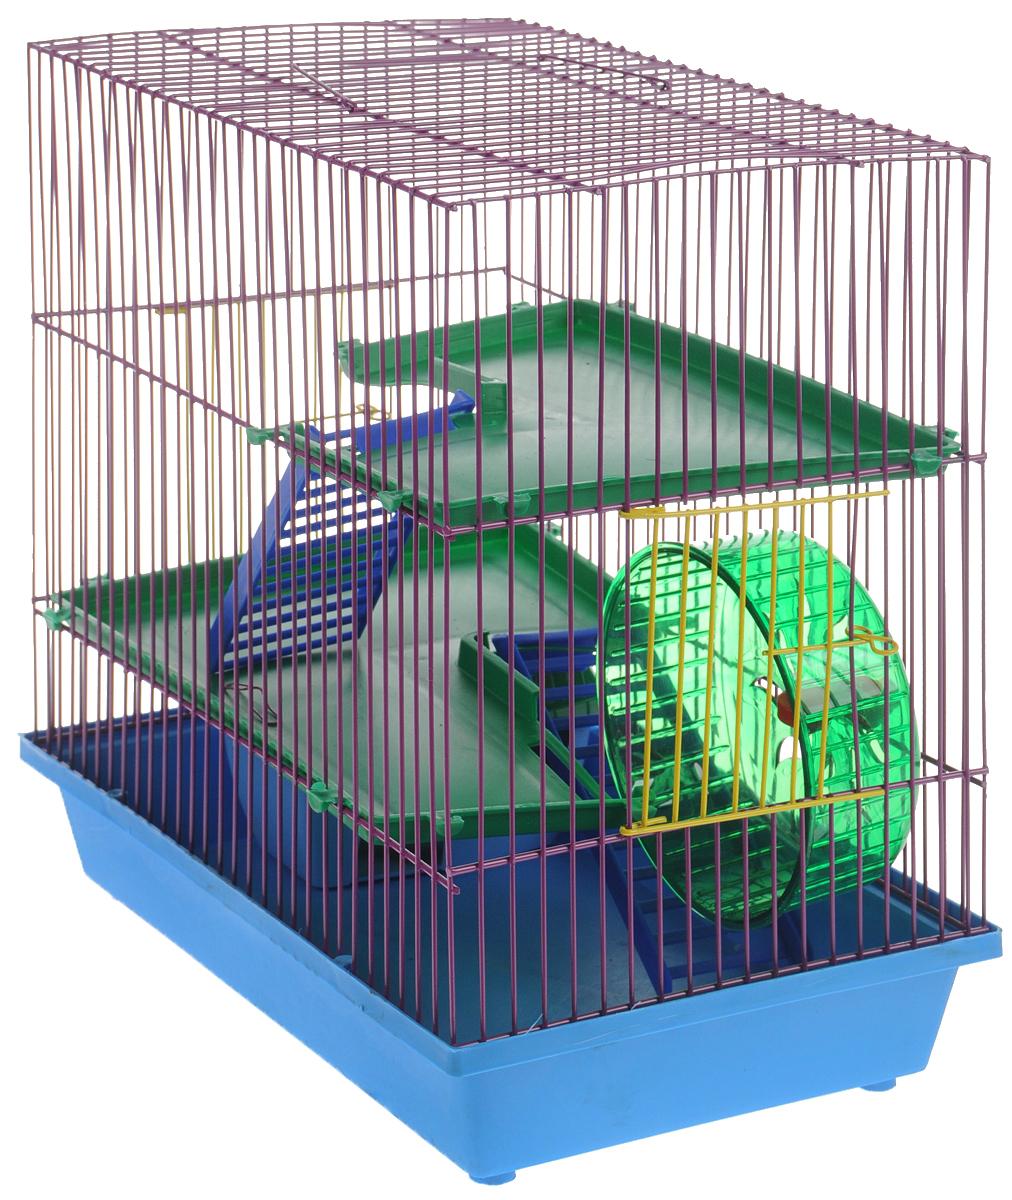 Клетка для грызунов ЗооМарк, 3-этажная, цвет: синий поддон, красная решетка, зеленые этажи, 36 х 22,5 х 34 см135СККлетка ЗооМарк, выполненная из полипропилена и металла, подходит для мелких грызунов. Изделие трехэтажное, оборудовано колесом для подвижных игр и пластиковым домиком. Клетка имеет яркий поддон, удобна в использовании и легко чистится. Сверху имеется ручка для переноски, а сбоку удобная дверца. Такая клетка станет уединенным личным пространством и уютным домиком для маленького грызуна.